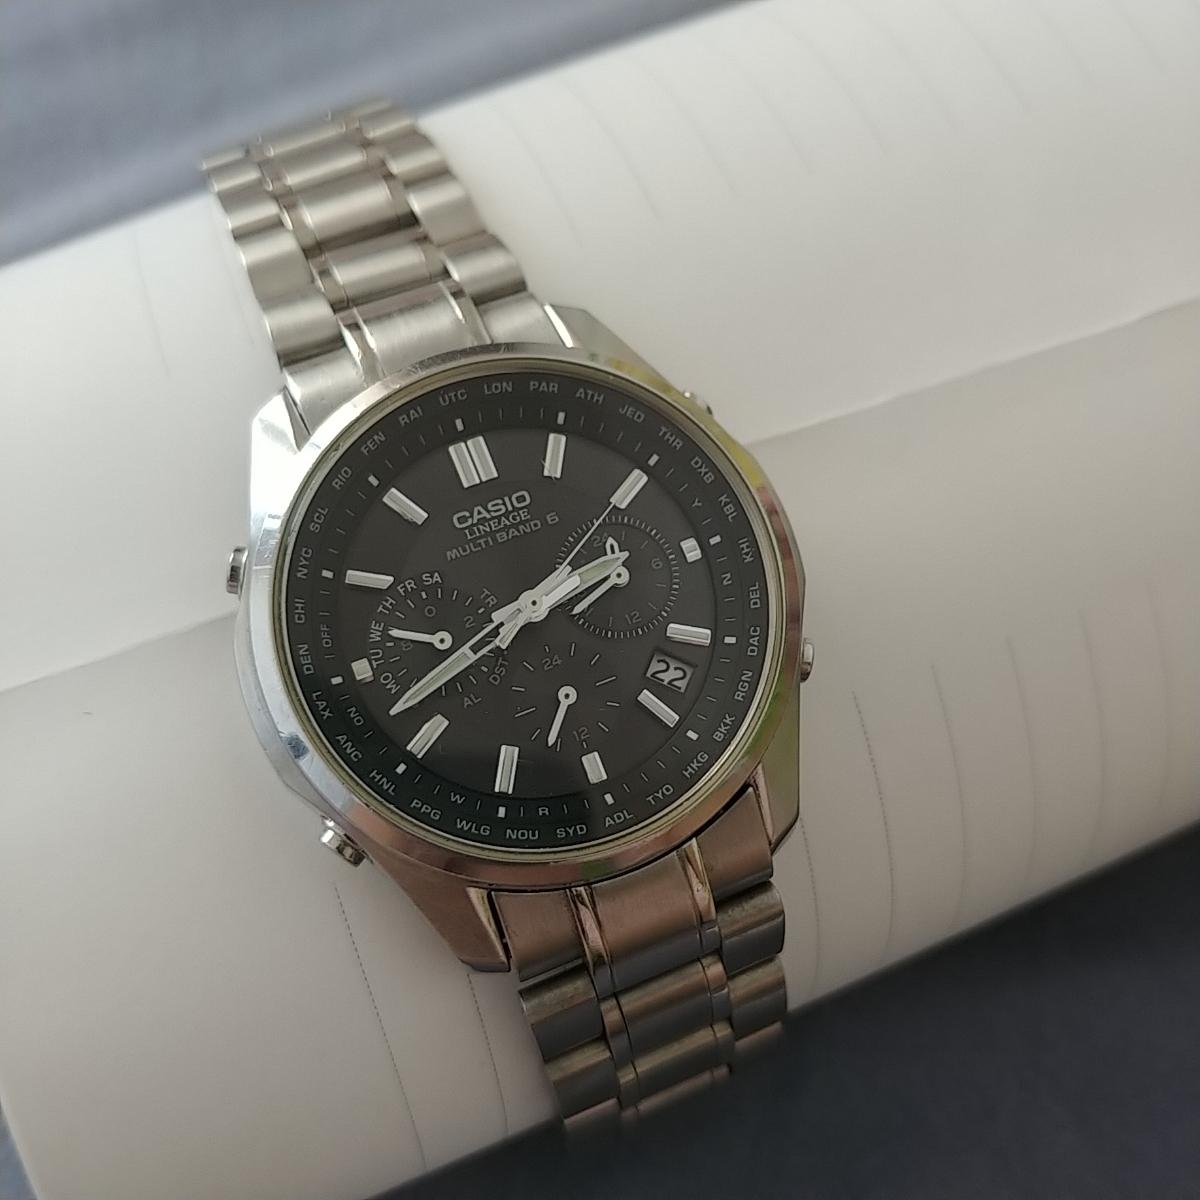 29743ec39d 1円~カシオ CASIO リニエージ LIW-M610 電波 ソーラー メンズ 腕時計 CASIO LINEAGE